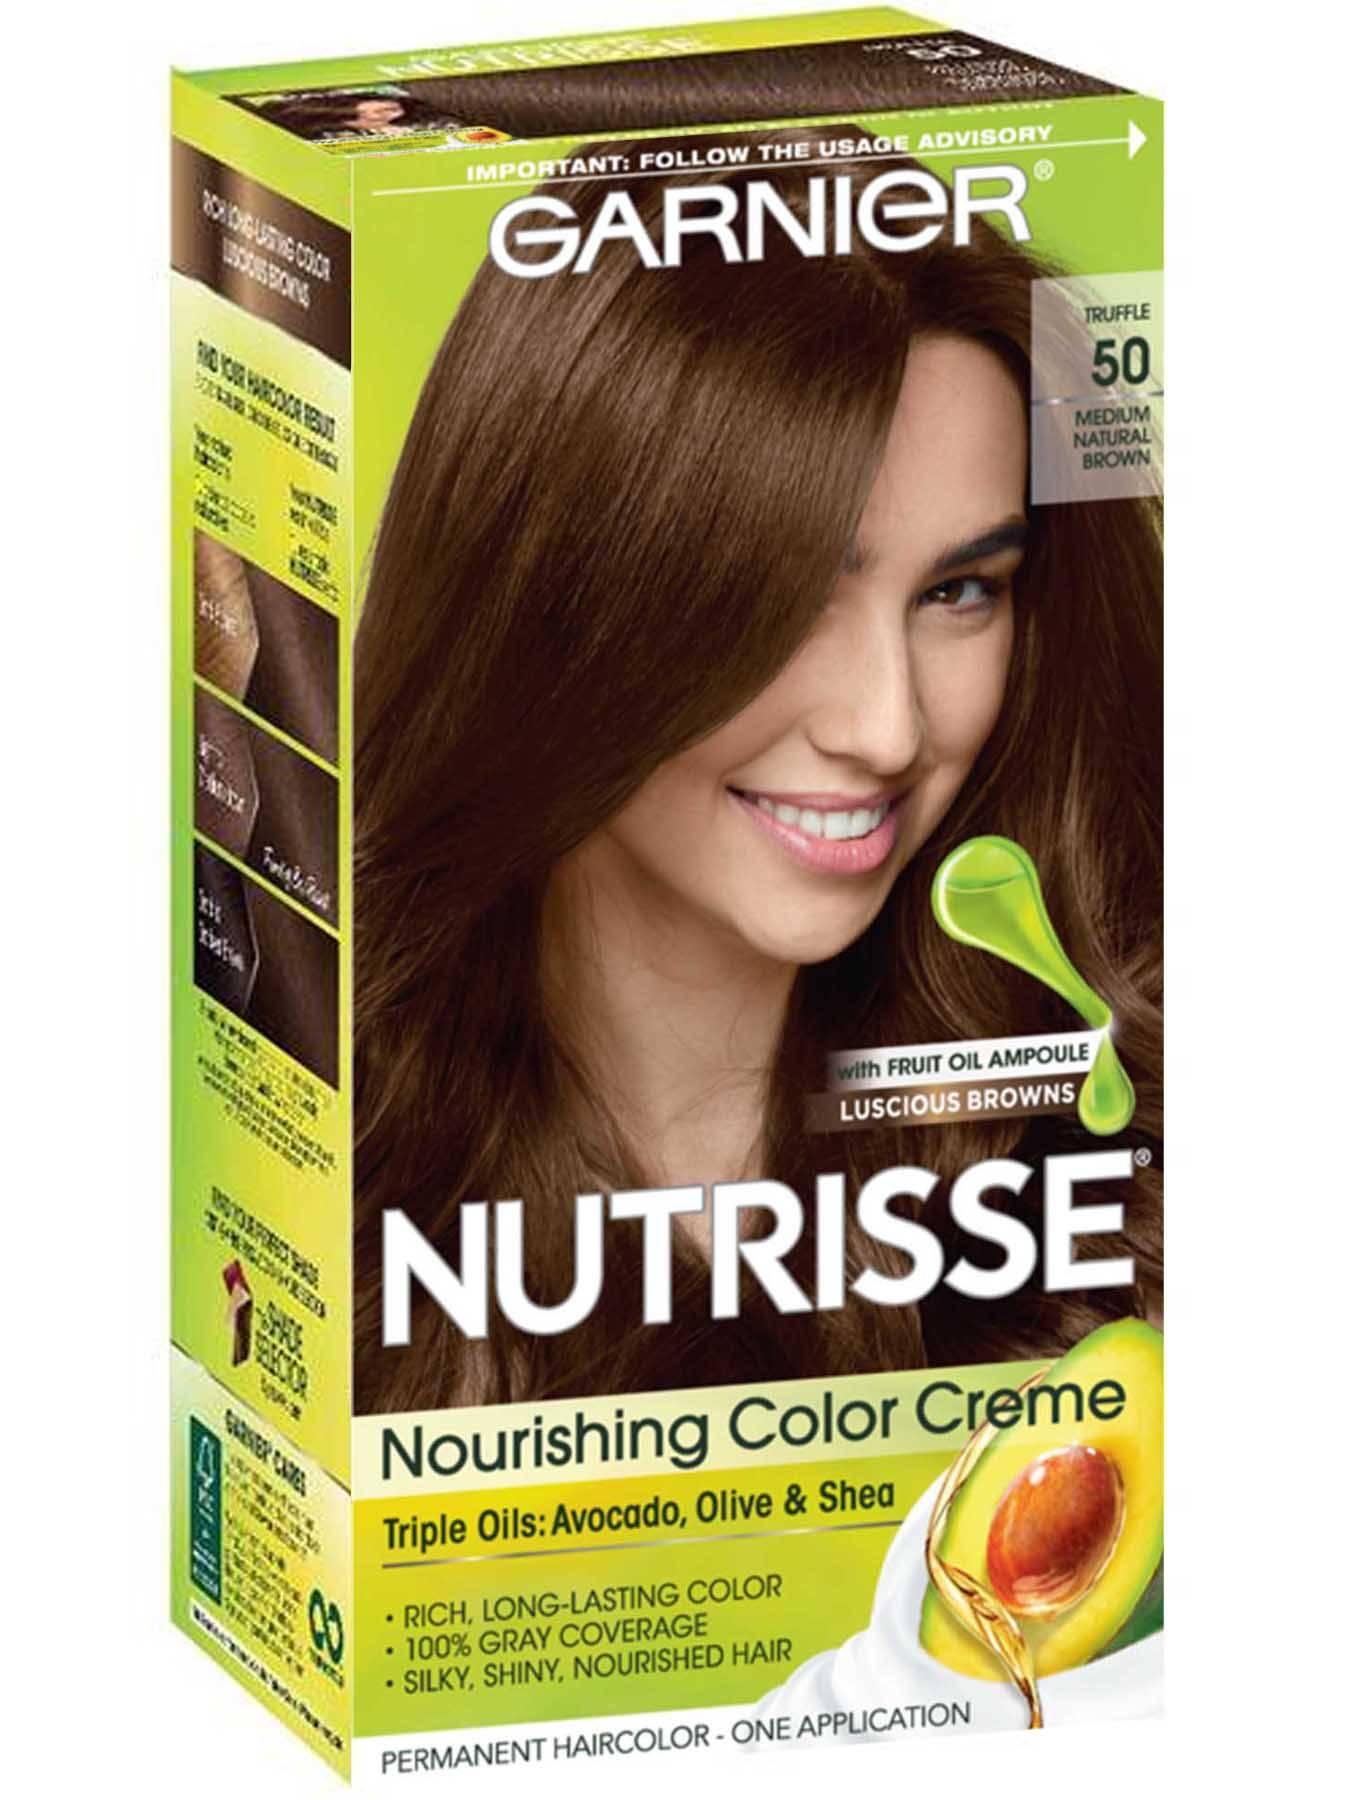 Theo các BTV làm đẹp, đây là 5 loại thuốc nhuộm tóc bình dân chất lượng giúp bạn F5 mái tóc vừa xinh còn vừa tôn da - Ảnh 3.